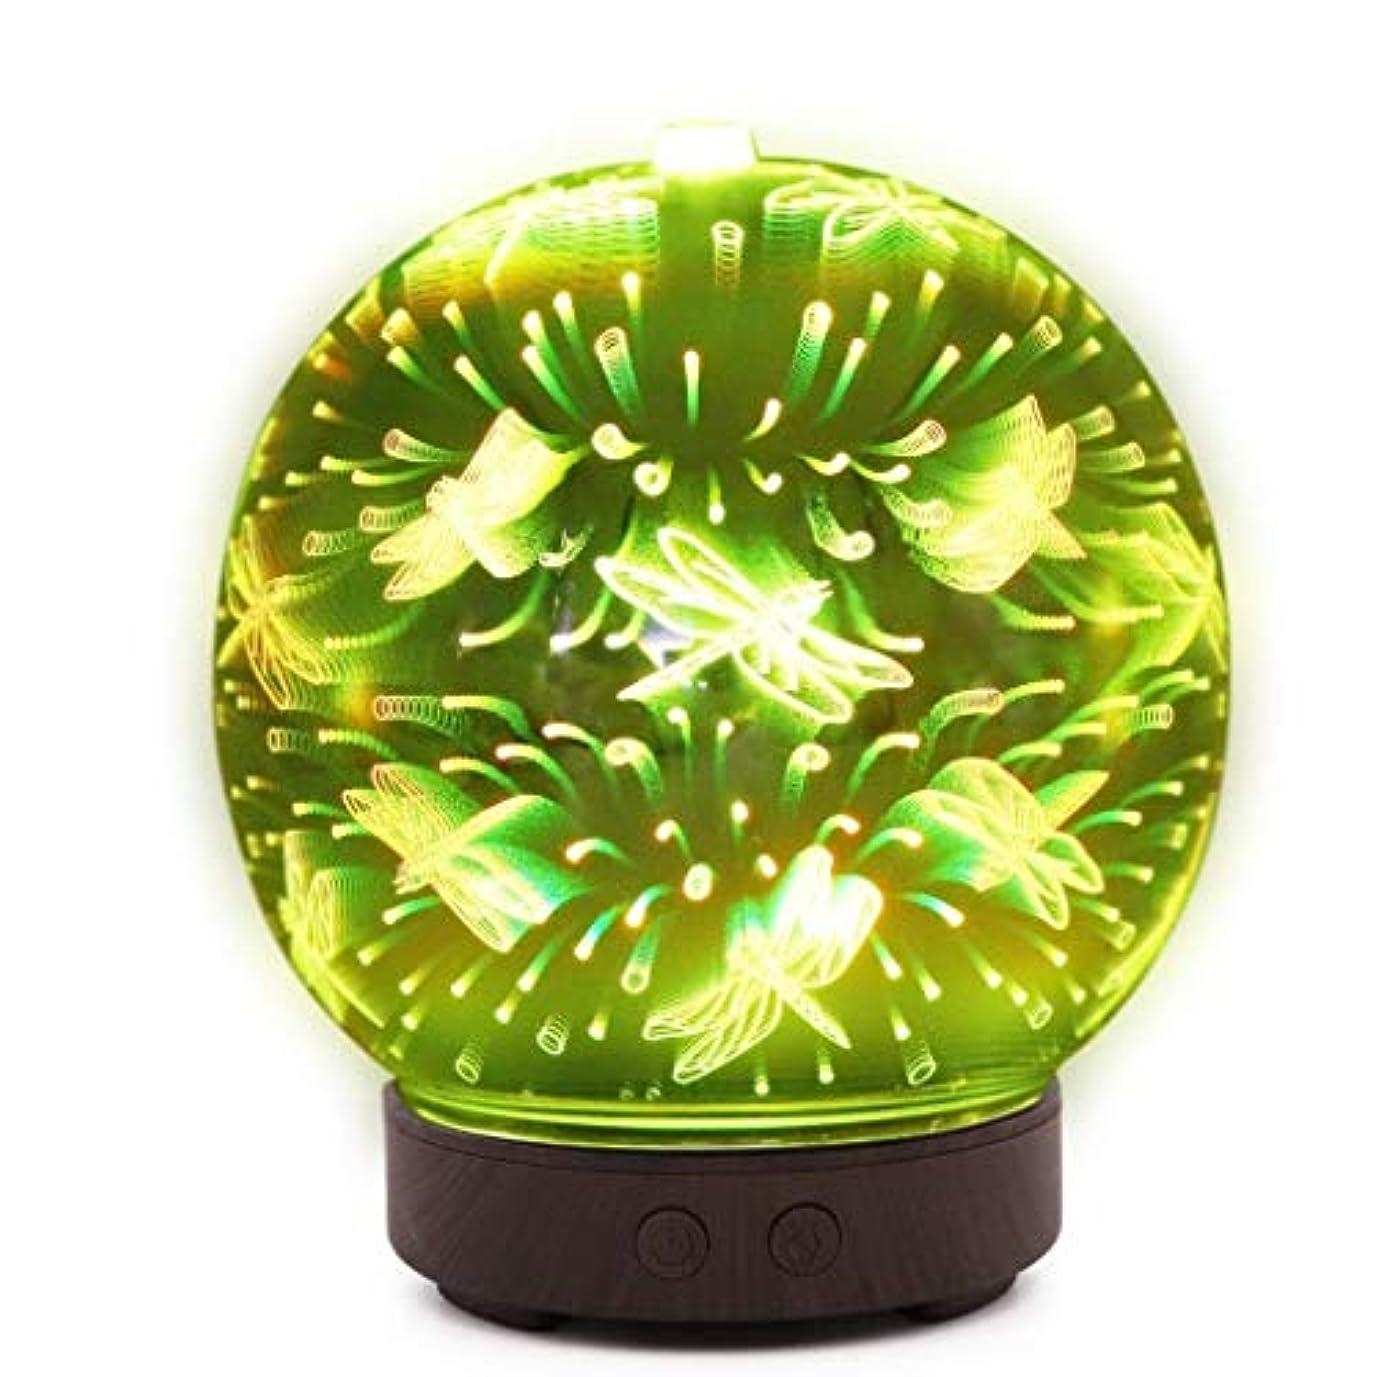 完璧歌詞ボトルネック自動シャットオフ機能付き100mlミストディフューザー、7色LEDライト&大型水タンク - ホームヨガの寝室のための3D効果ナイトライトアロマ加湿器 (Color : Dragonfly Pattern)